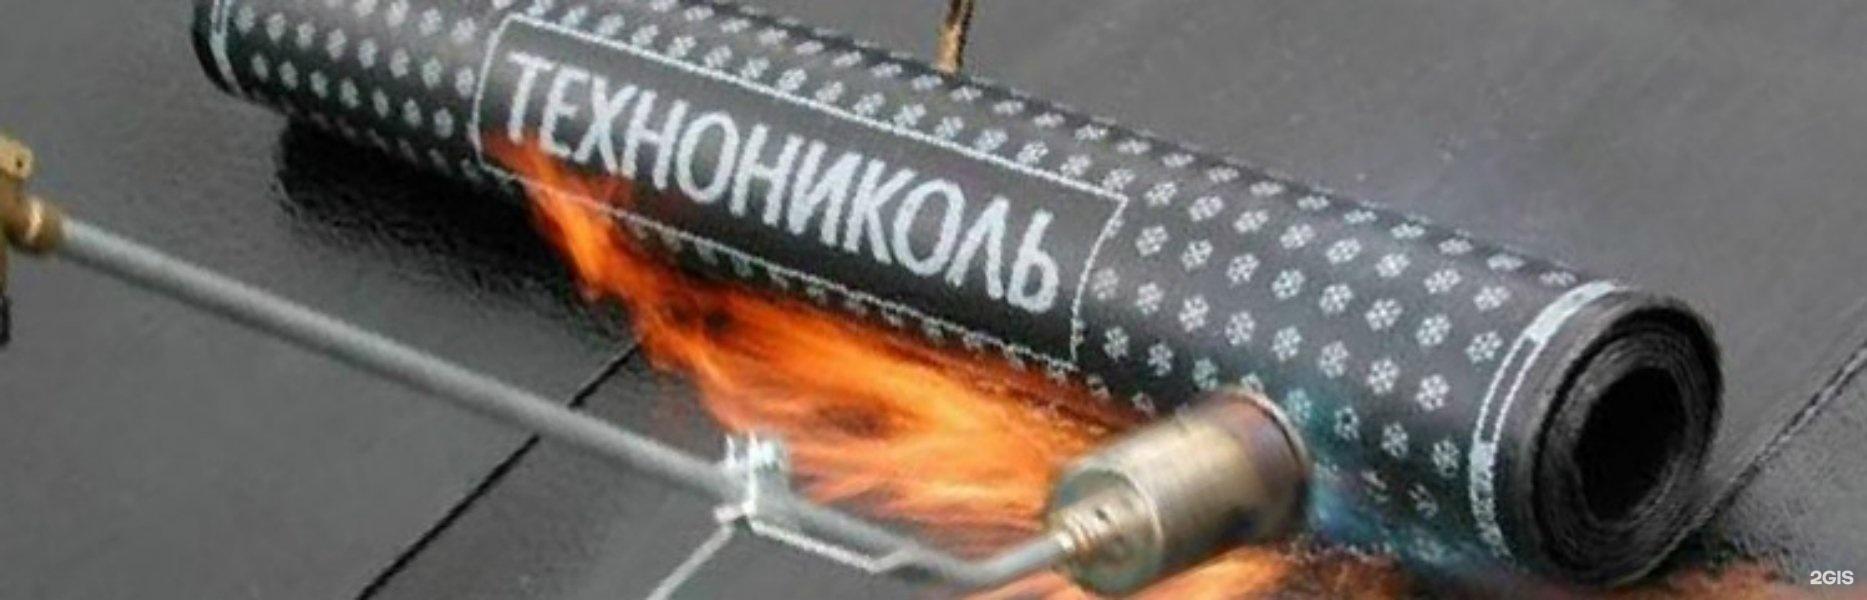 Ремонт шиферной крыши своими руками: 5 методов obustroeno.co.